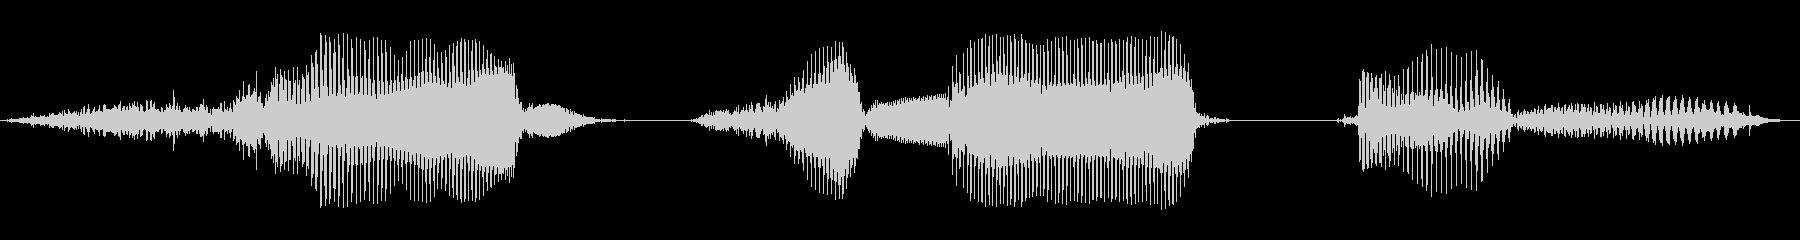 cm(センチメートル)の未再生の波形